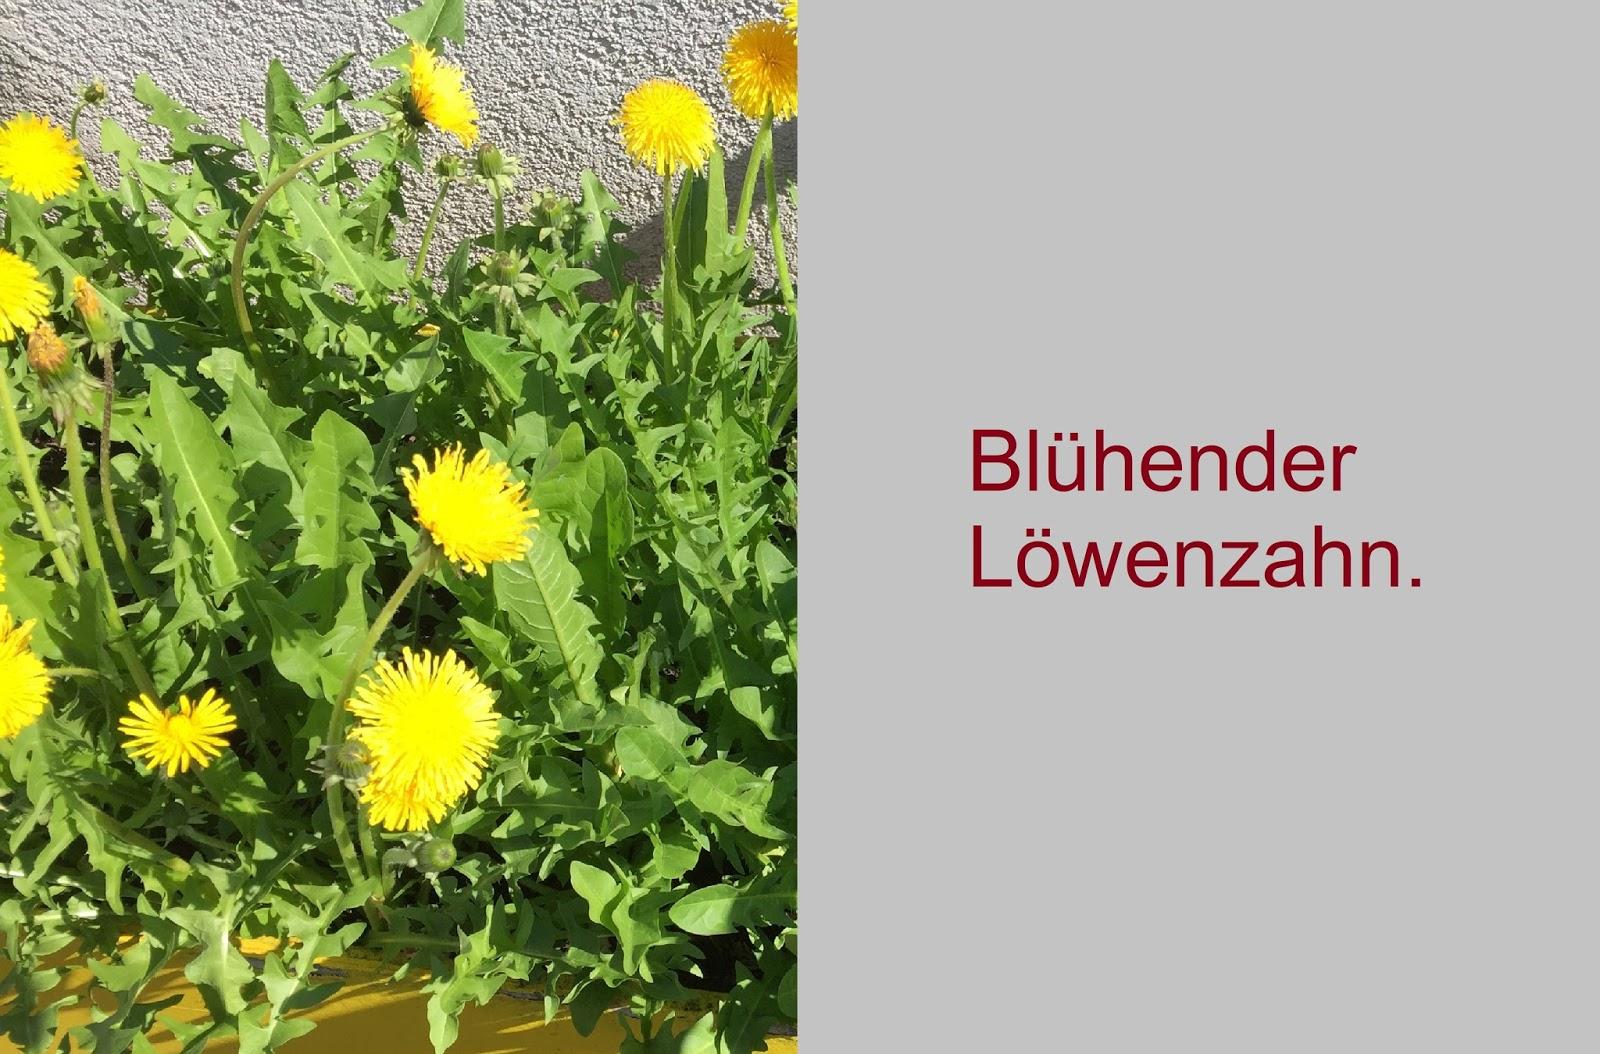 Stauden Lange Lang Bl C3 Bchende Blühende Winterharte Pflanzen Balkon Ostseesuche Com